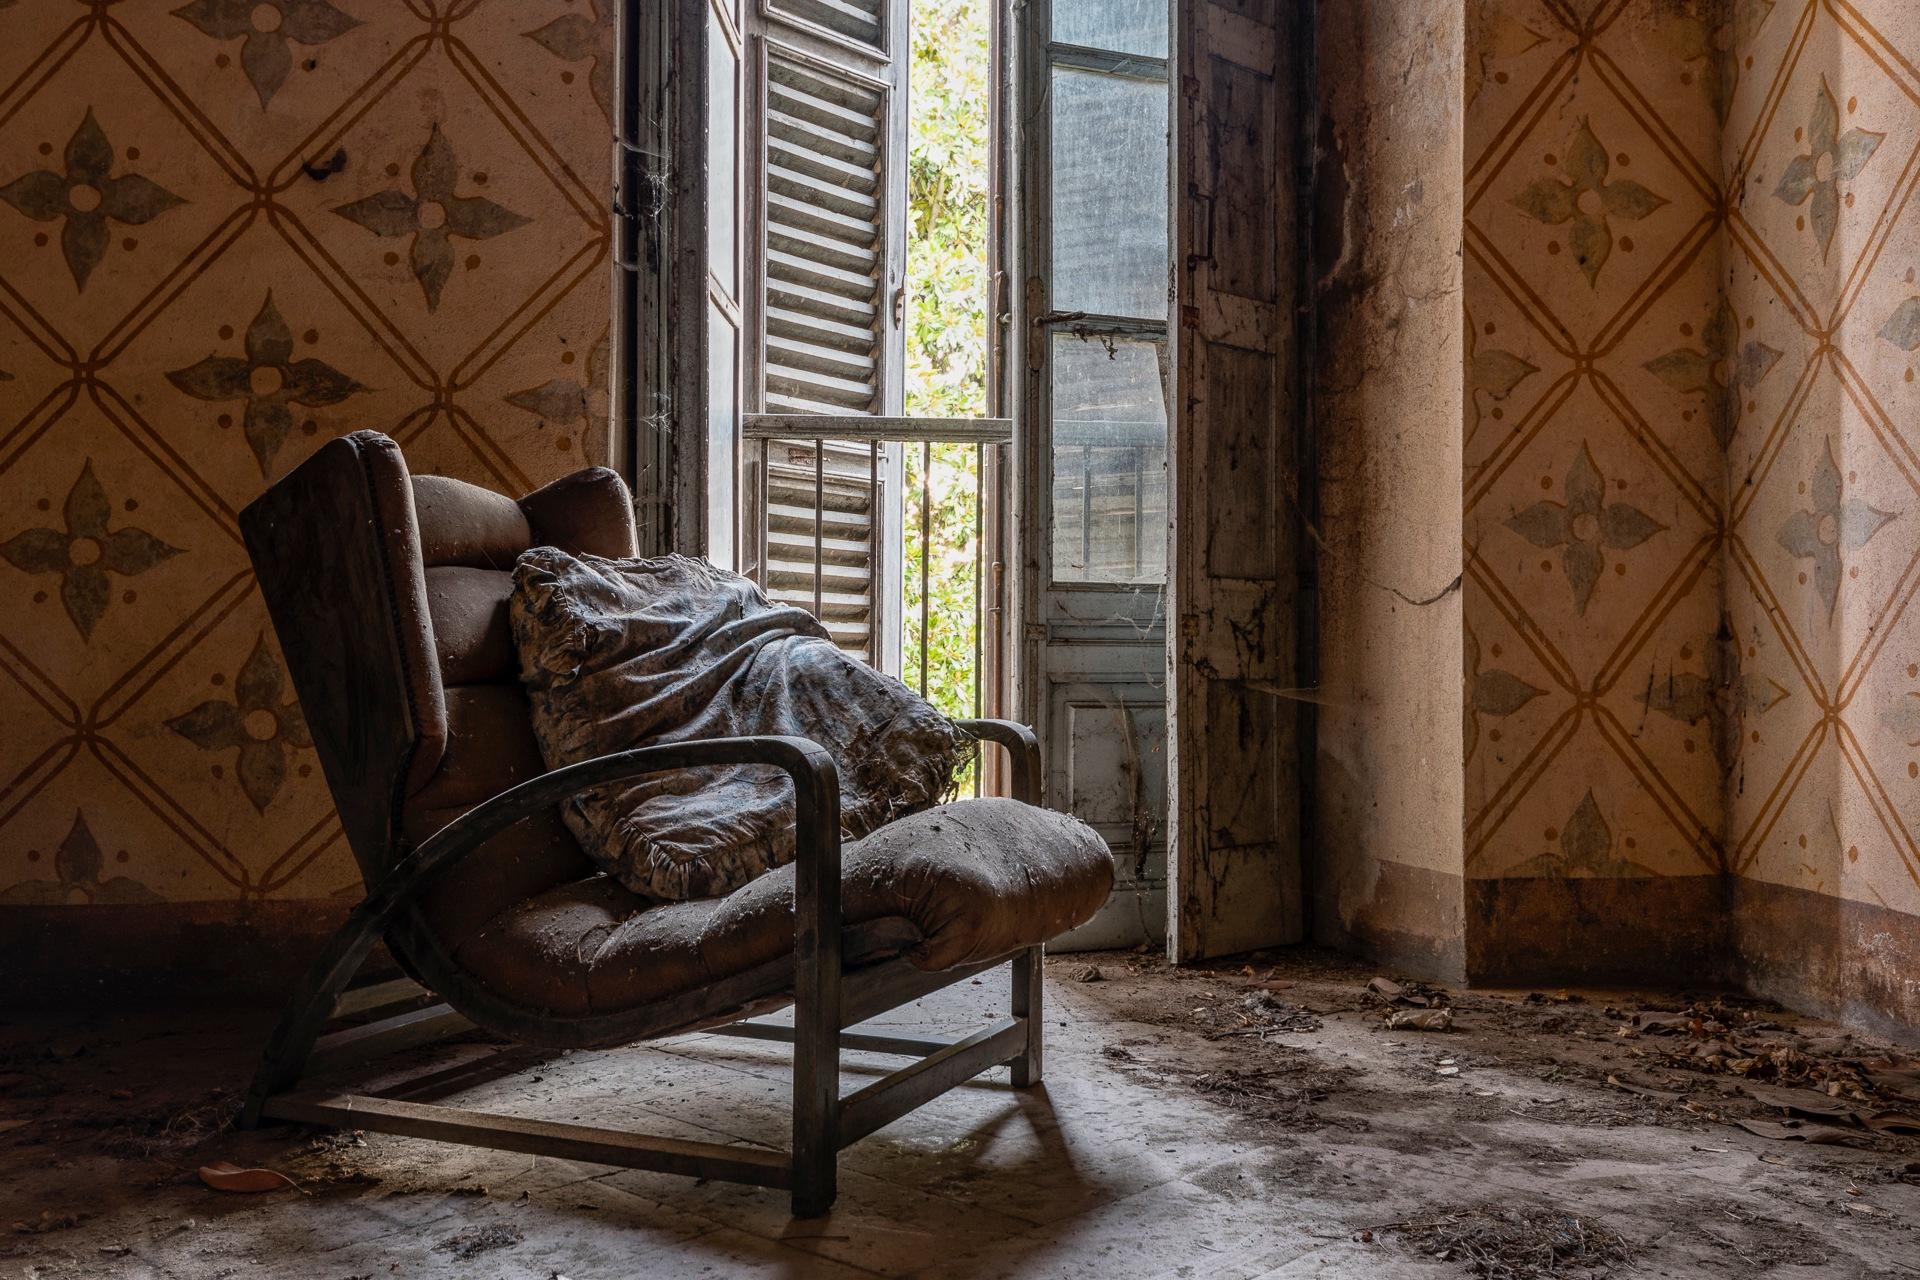 Who saw grandma ? by Joël Arys